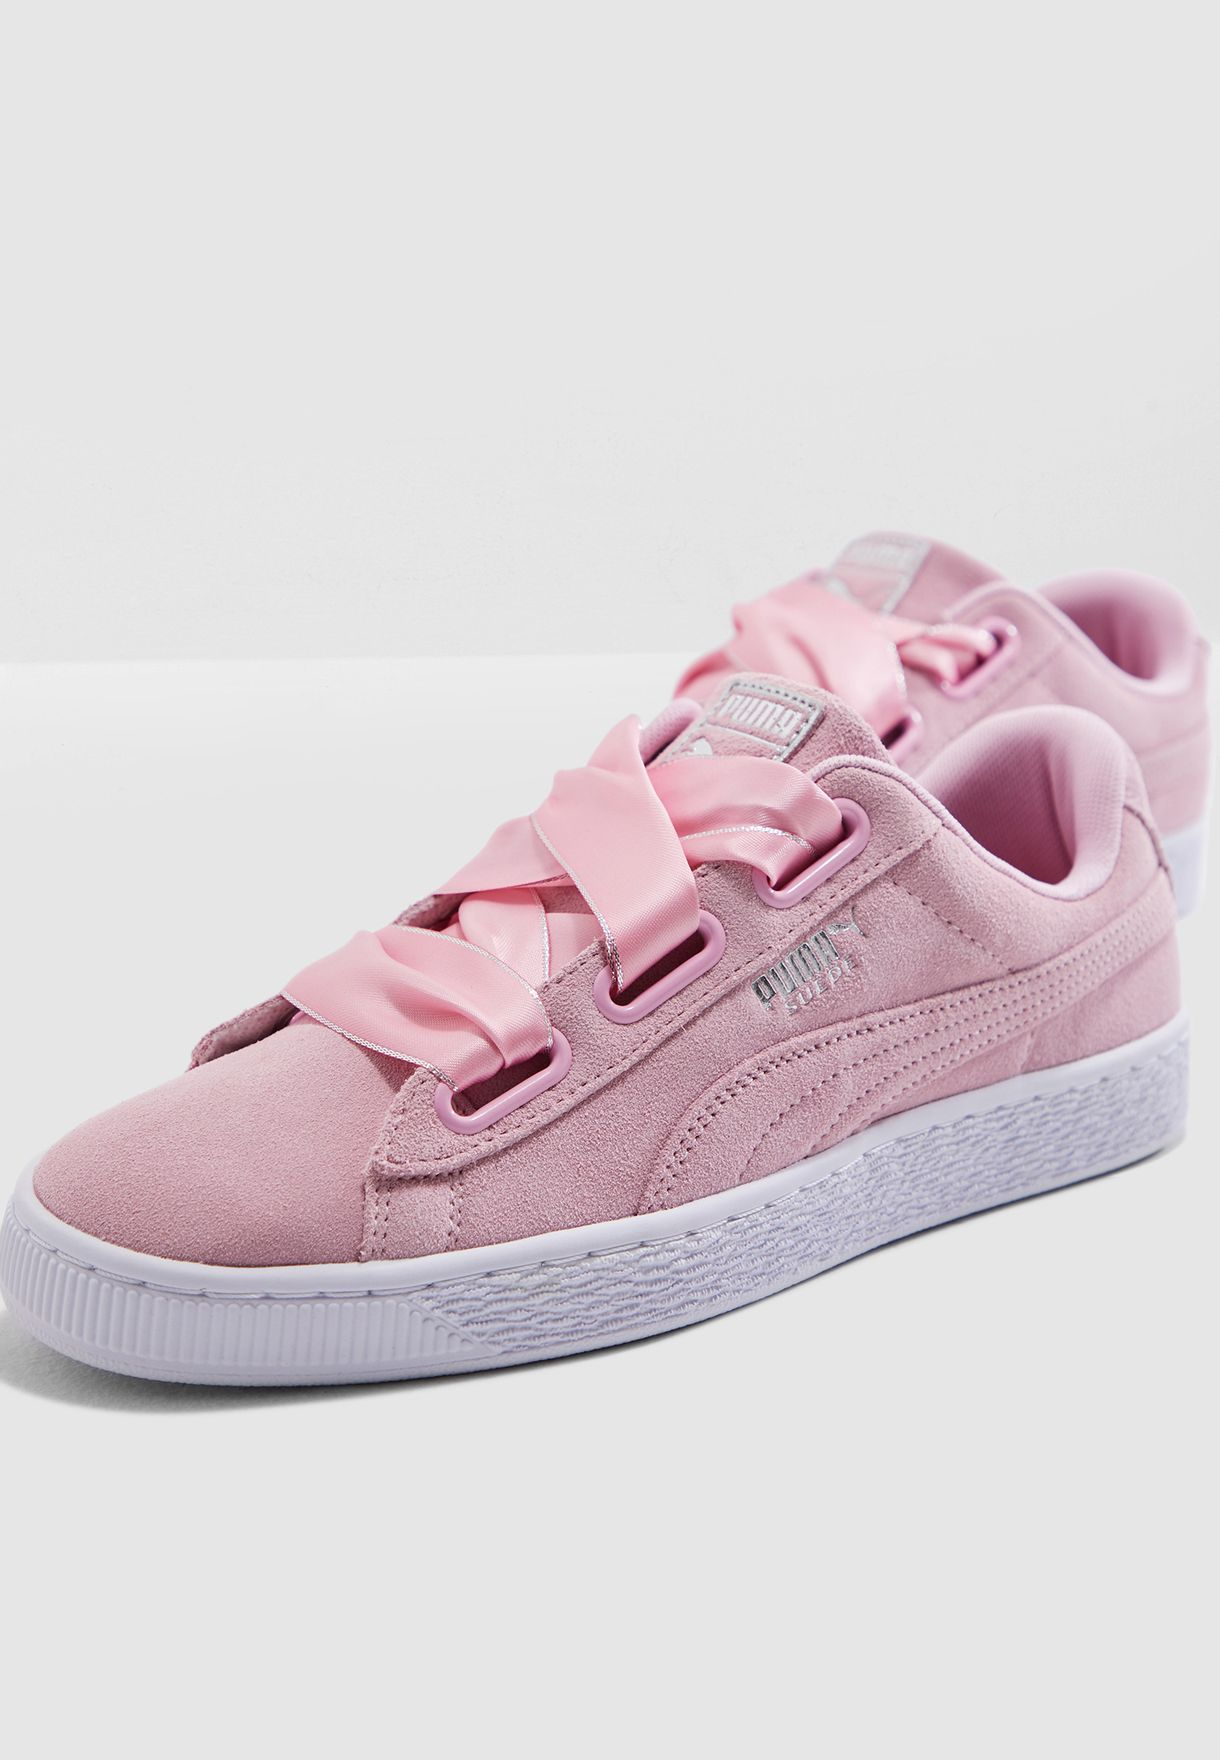 f1a799bb66fa15 Shop PUMA pink Suede Heart Galaxy 36923201 for Women in Qatar - 20000SH54WBP